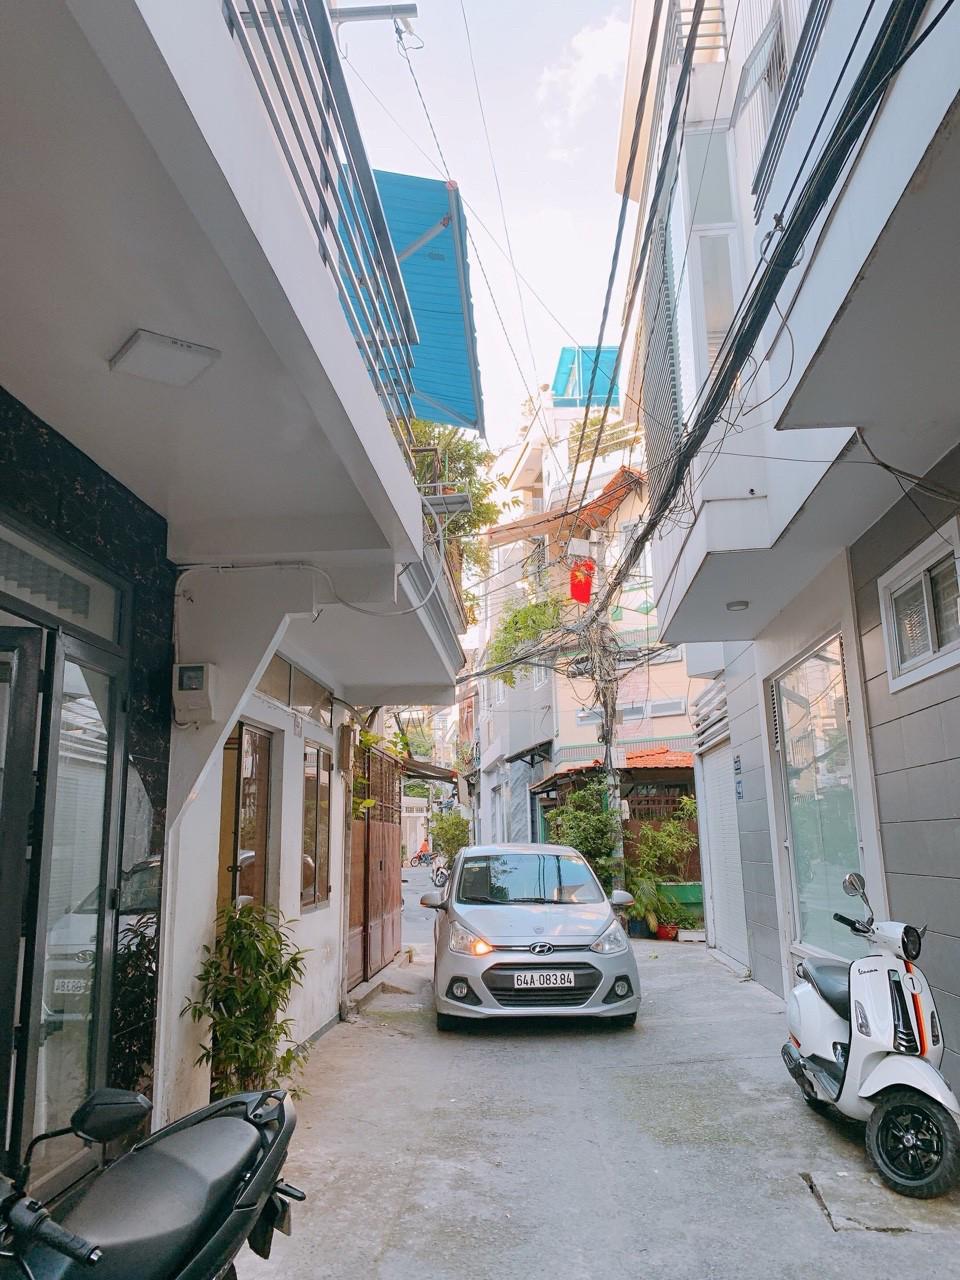 Bán nhà hẻm 45 Nguyễn Văn Đậu phường 6 quận Bình Thạnh dưới 4 tỷ năm 2020